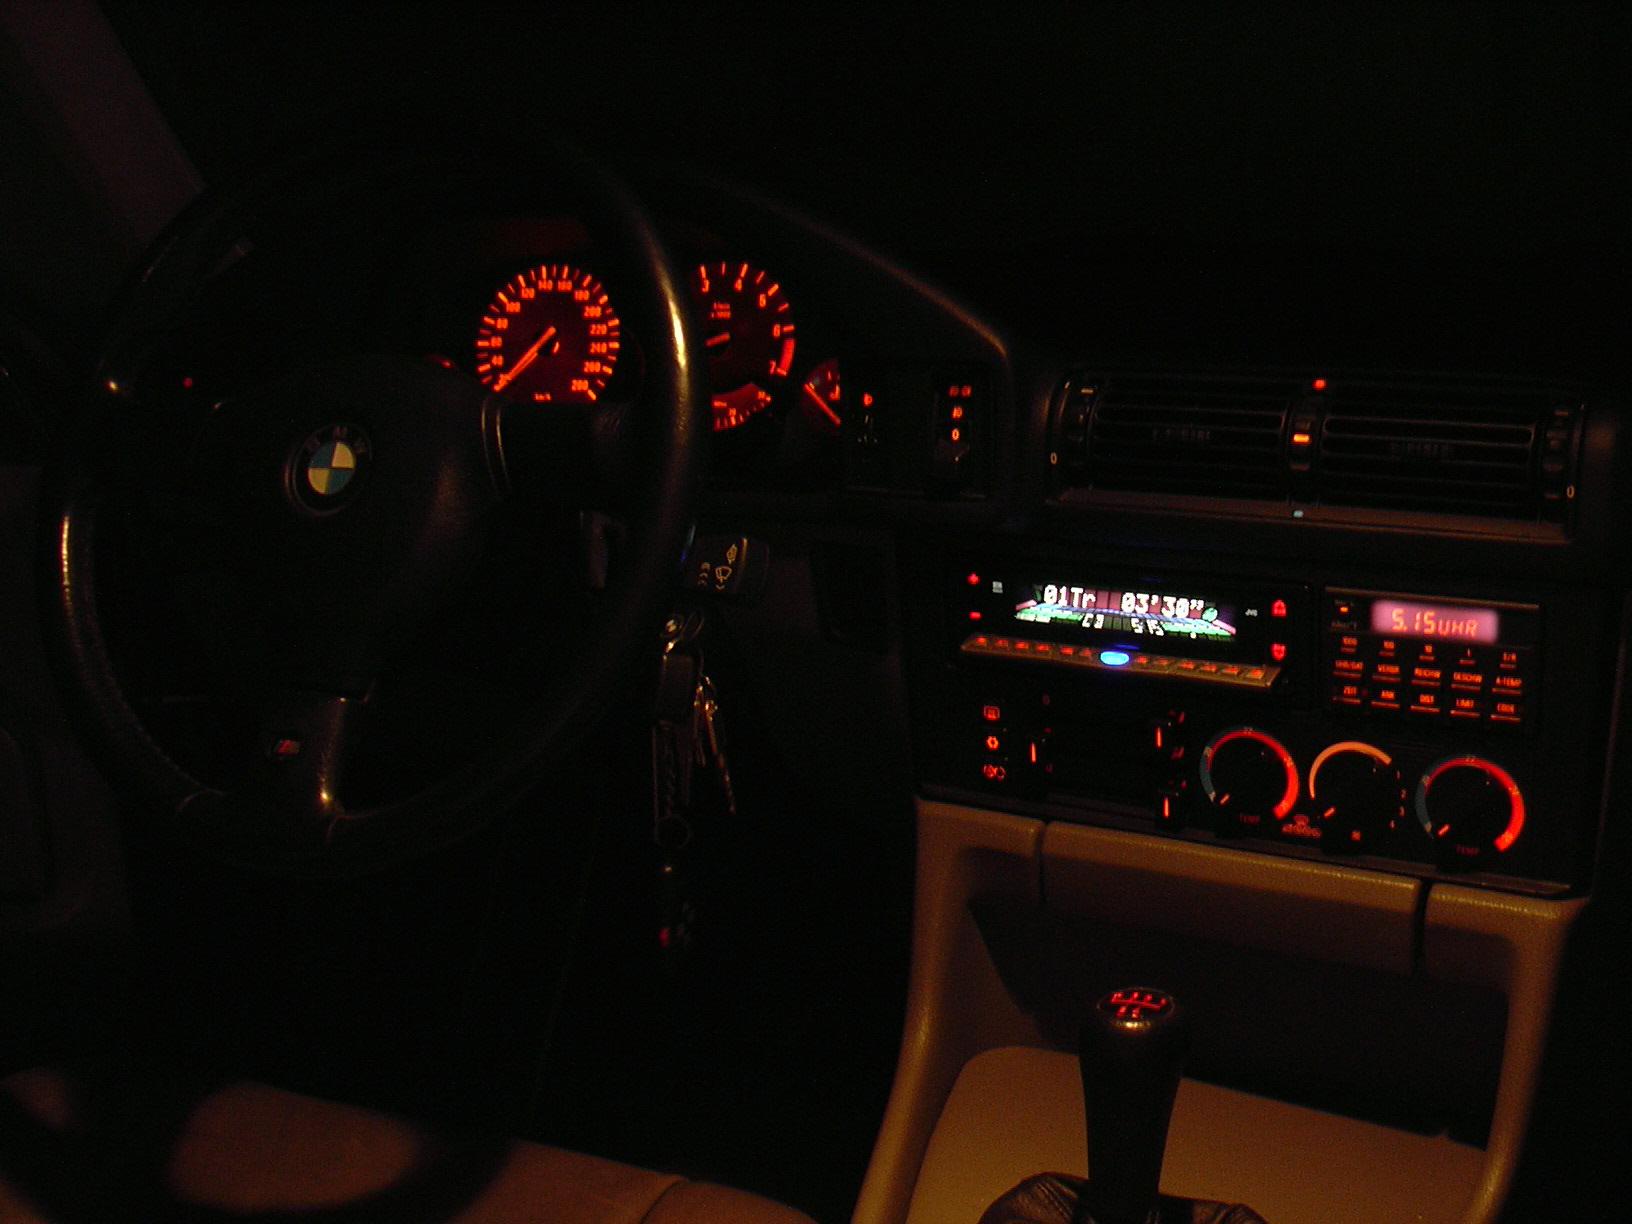 7 Series Interior Illumination In E34 Archive